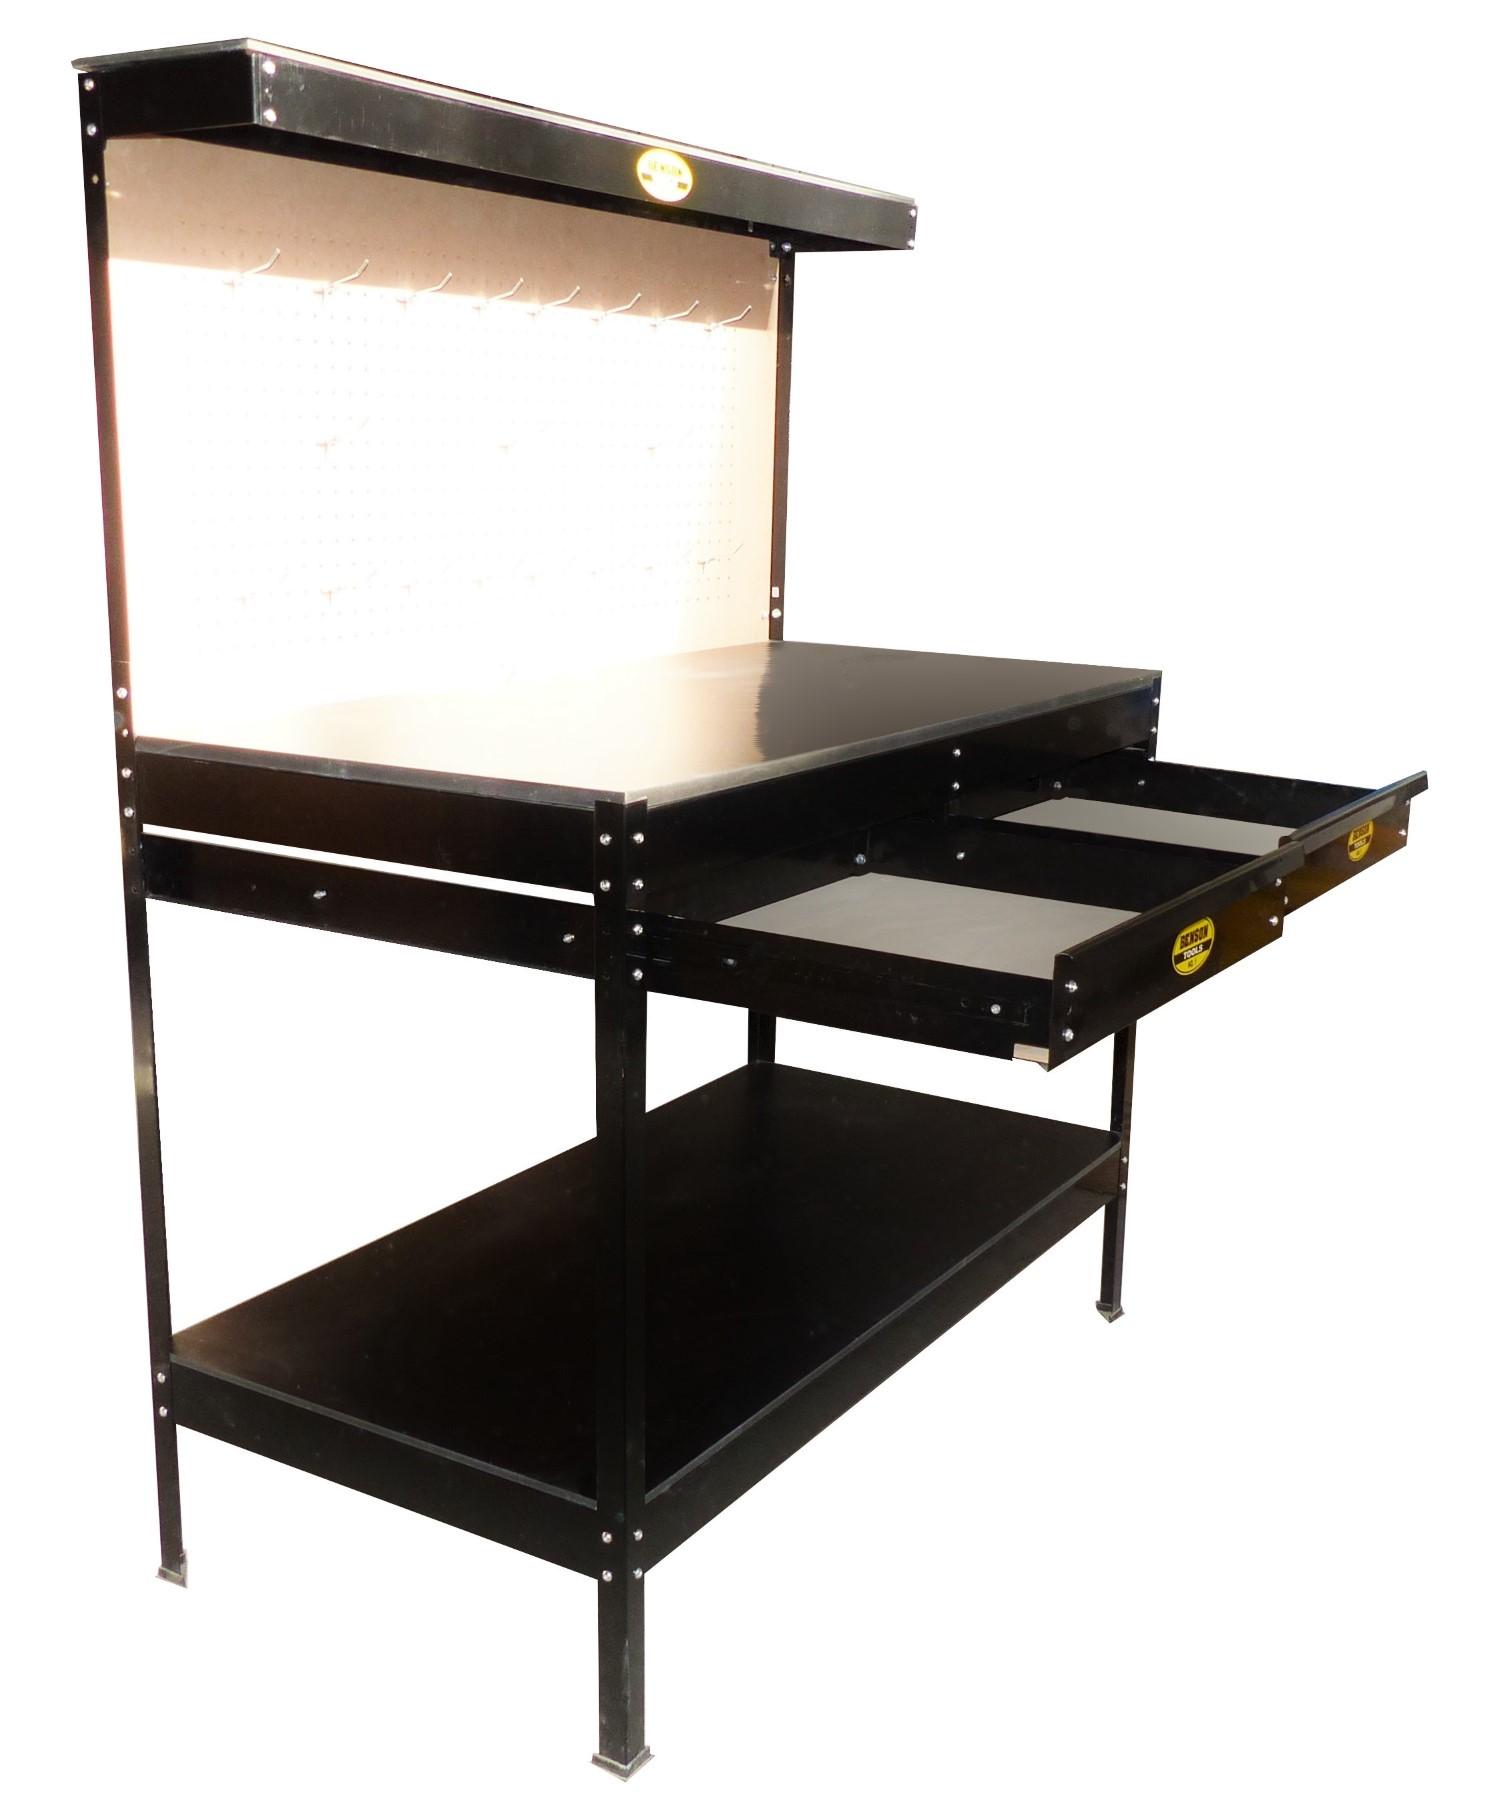 werktisch werkbank arbeitstisch arbeitsplatte werkzeugtisch lochwand schubladen ebay. Black Bedroom Furniture Sets. Home Design Ideas